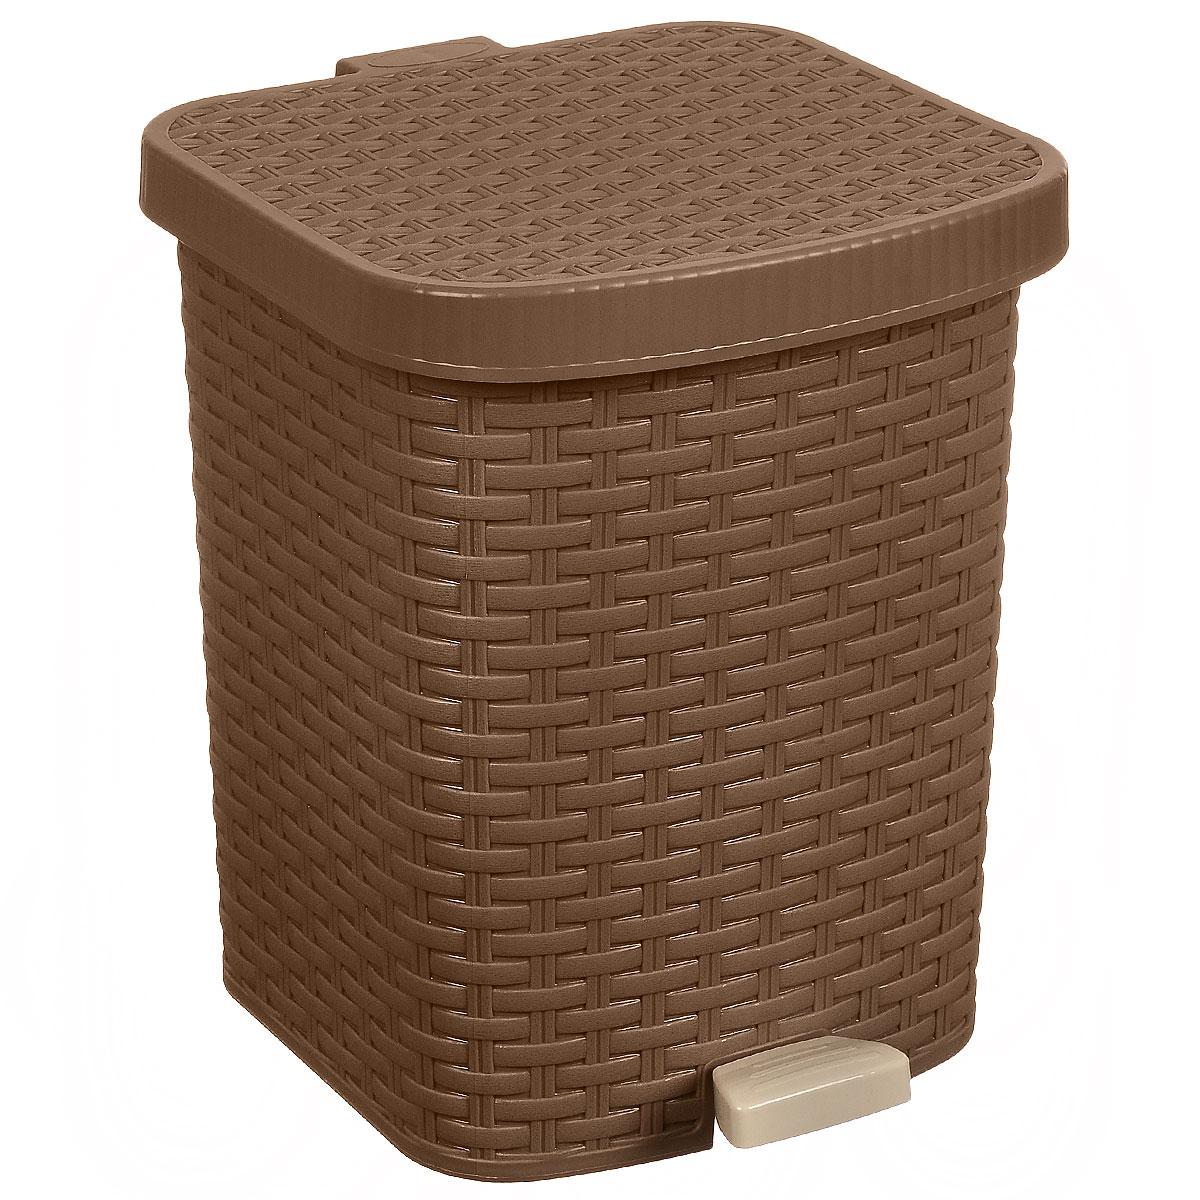 Контейнер для мусора Полимербыт Артлайн, с педалью, 12 лС488Контейнер для мусора Полимербыт Артлайн изготовлен из высококачественного цветного пластика и декорирован рельефом. Контейнер оснащен педалью, с помощью которой можно открыть крышку. Закрывается крышка бесшумно, плотно прилегает, предотвращая распространение запаха. Бороться с мелким мусором станет легко. Внутри ведро с ручкой, которое при необходимости можно достать из контейнера. Контейнер для мусора Полимербыт Артлайн - это не только емкость для хранения мусора, но и яркий предмет декора, который оригинально украсит интерьер кухни или ванной комнаты. Размер контейнера: 26 см х 27 см х 32 см.